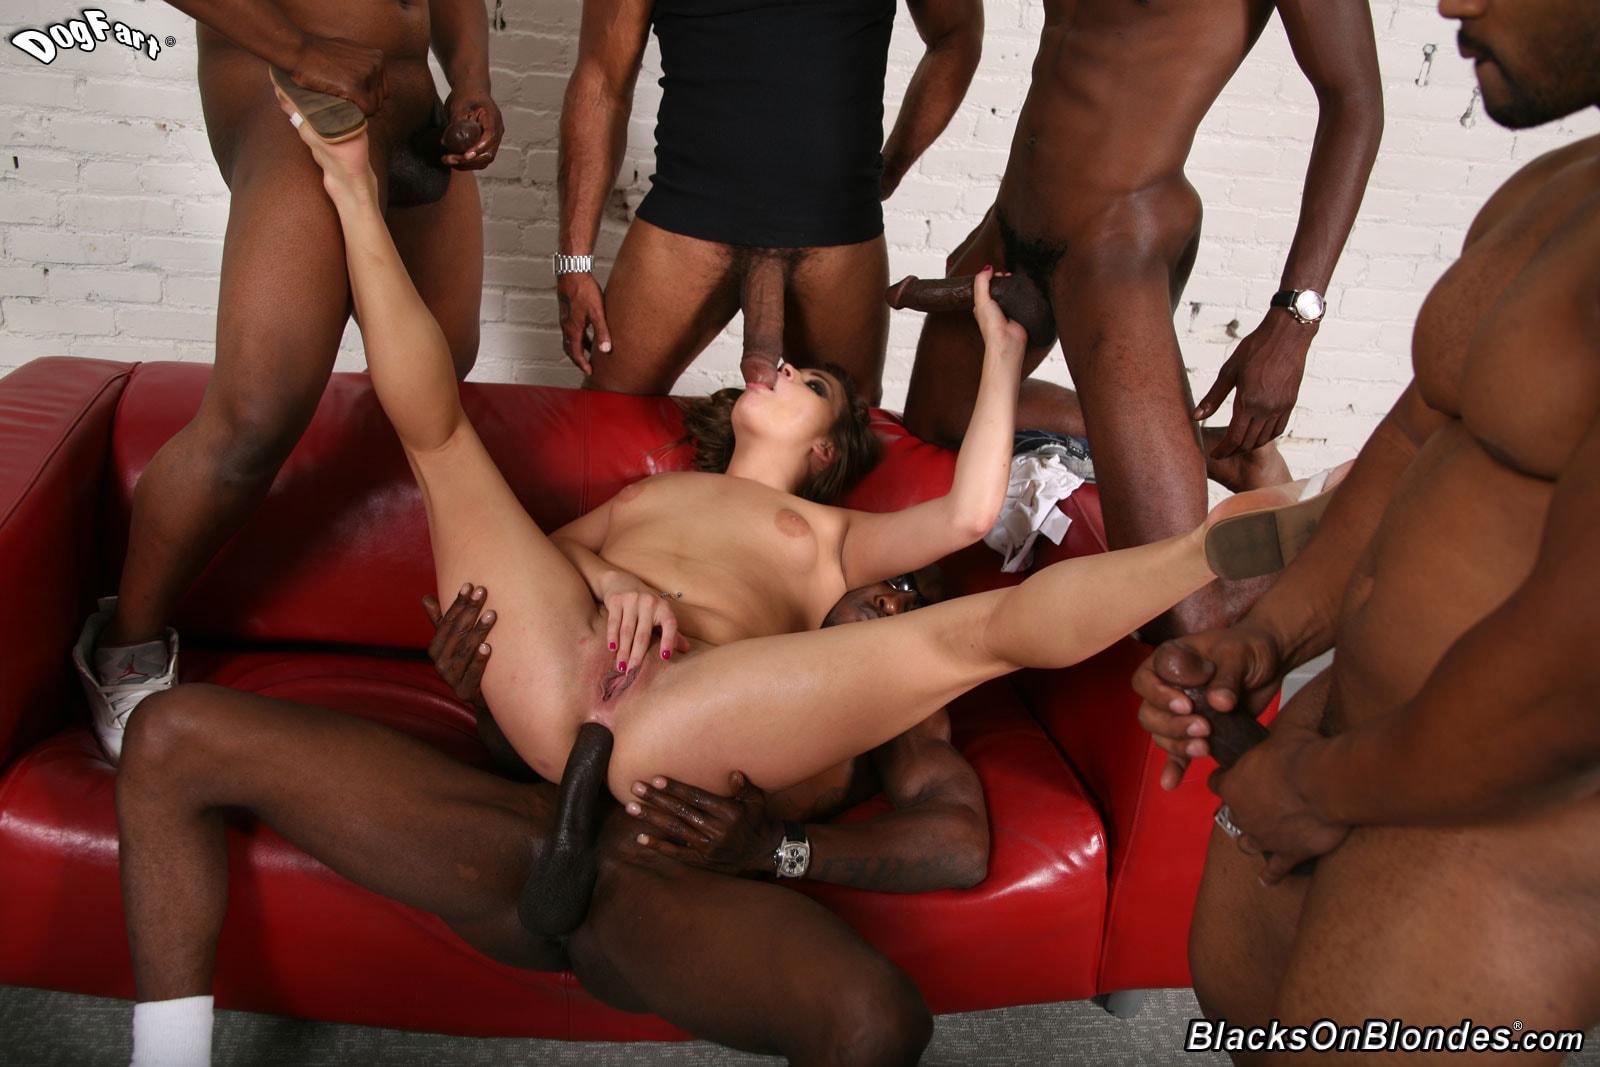 Секс негры групповуха фото би, Групповуха с неграми - порно фото 7 фотография